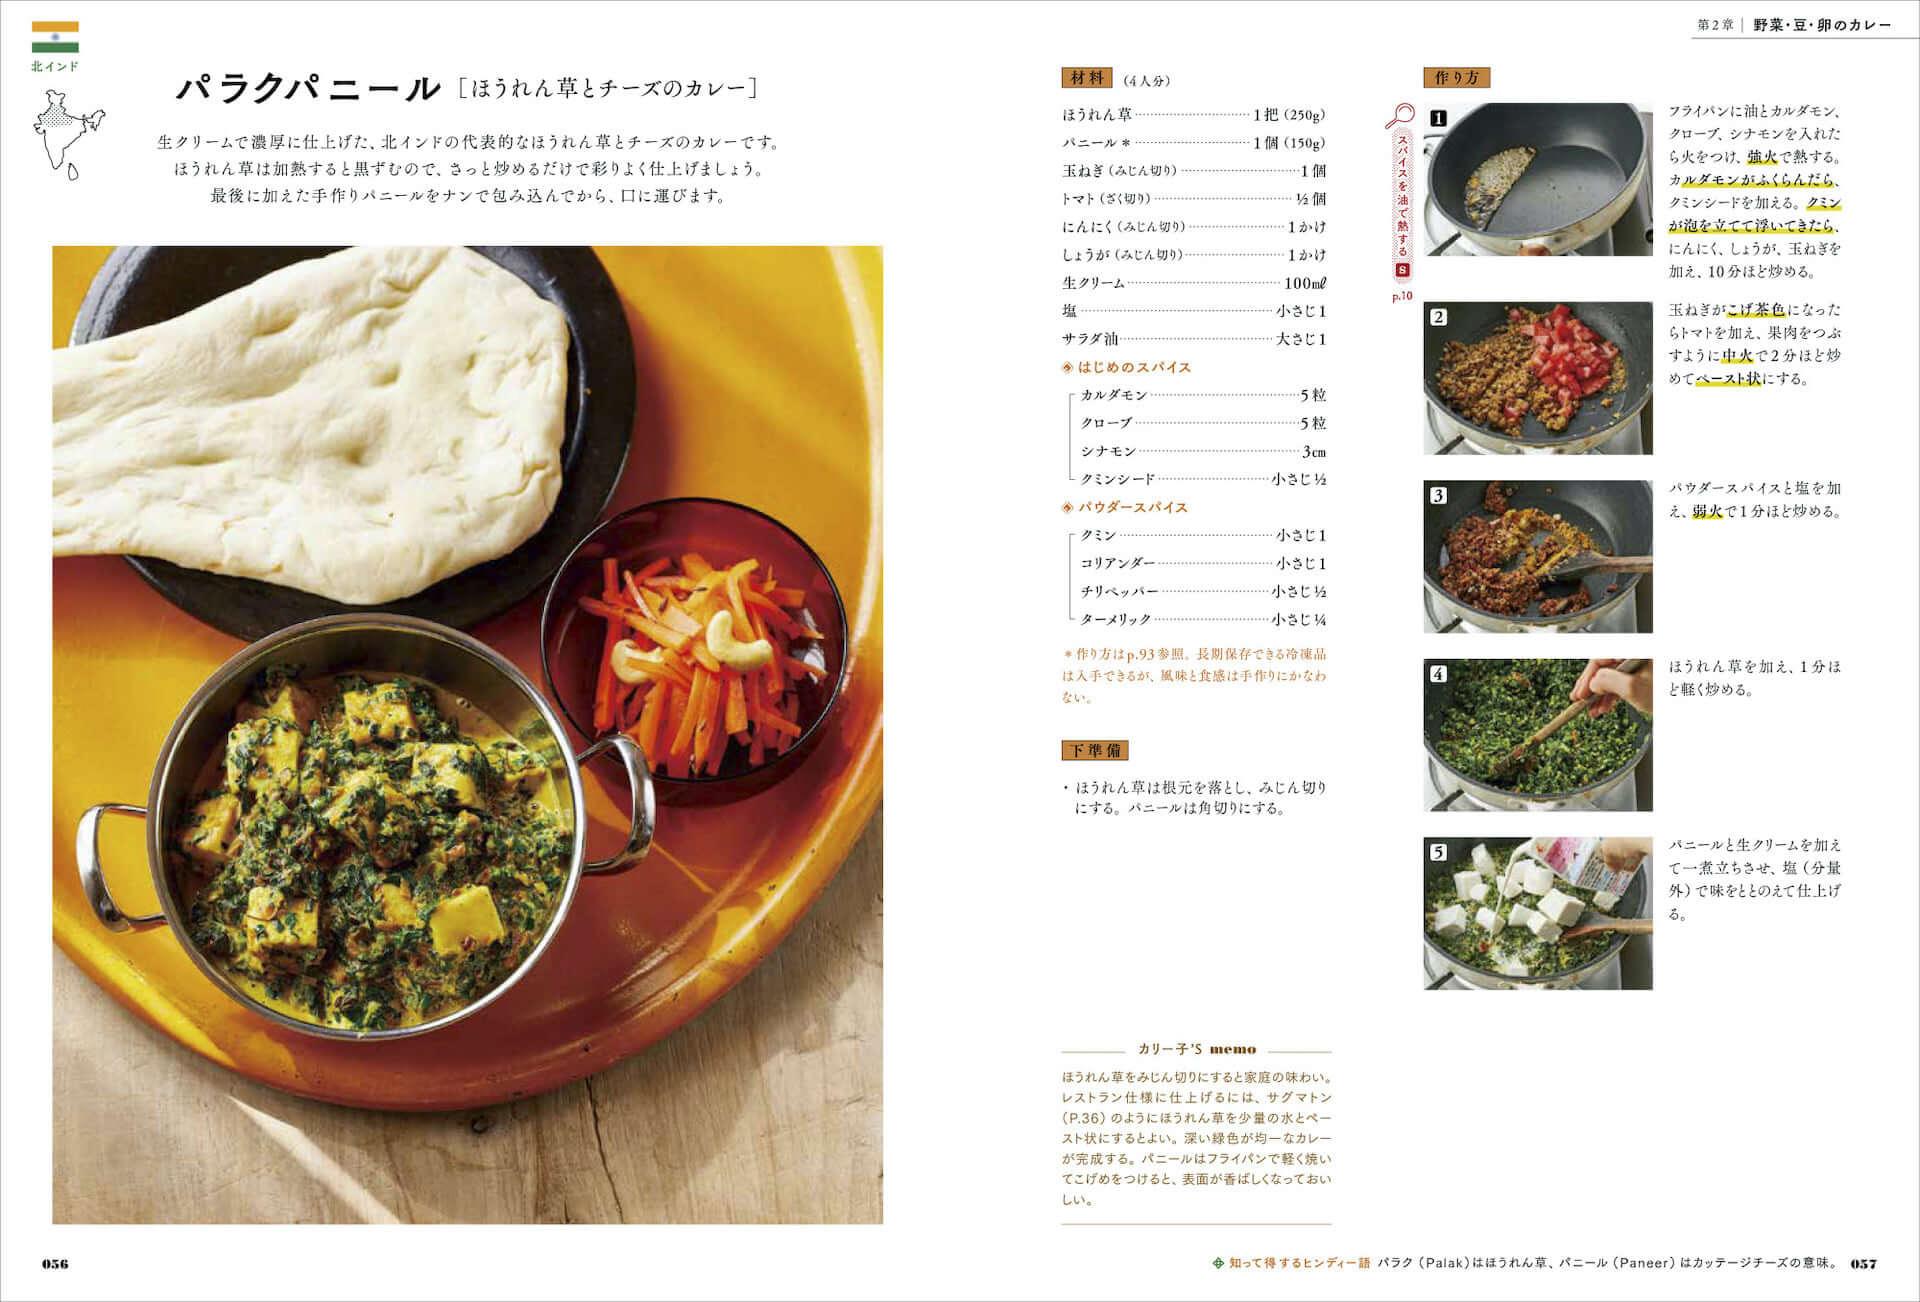 ディープなスパイスカレーをおうちでも!スパイス料理研究家・印度カリー子による本格カレーレシピ本が発売決定 gourmet200622_curry_book_4-1920x1302